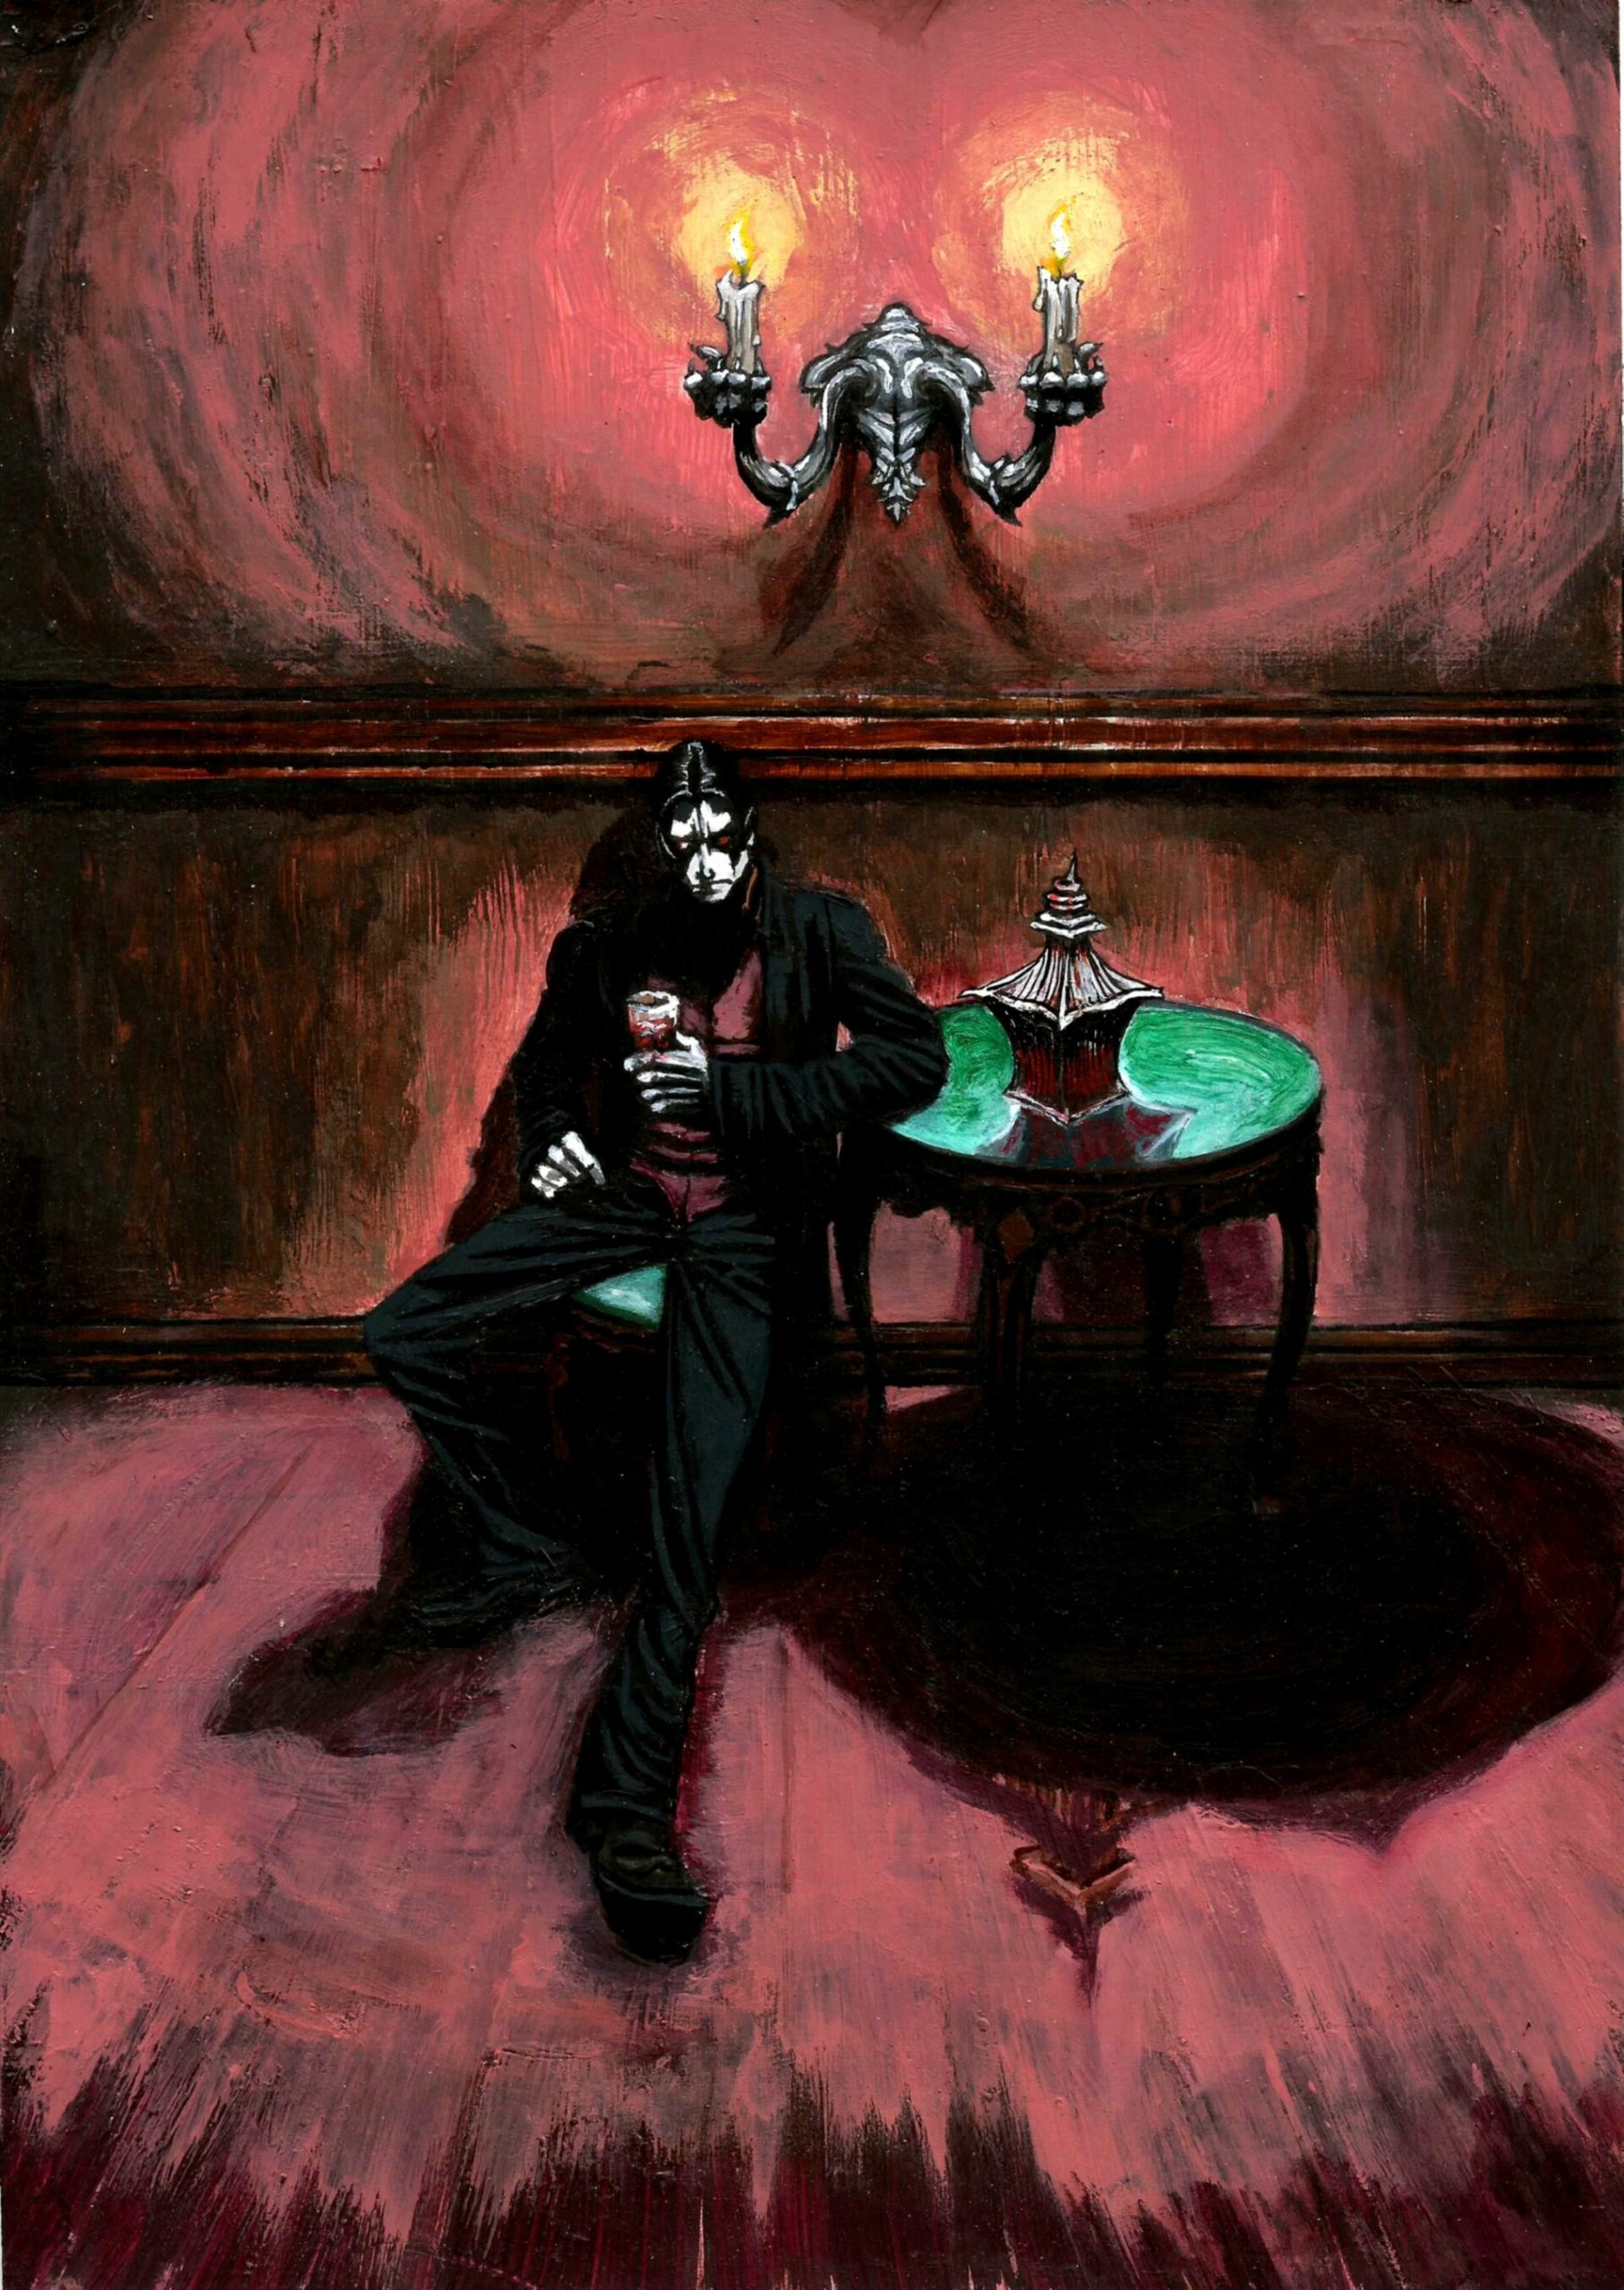 La depresión del vampiro by Alan de Tenebrya